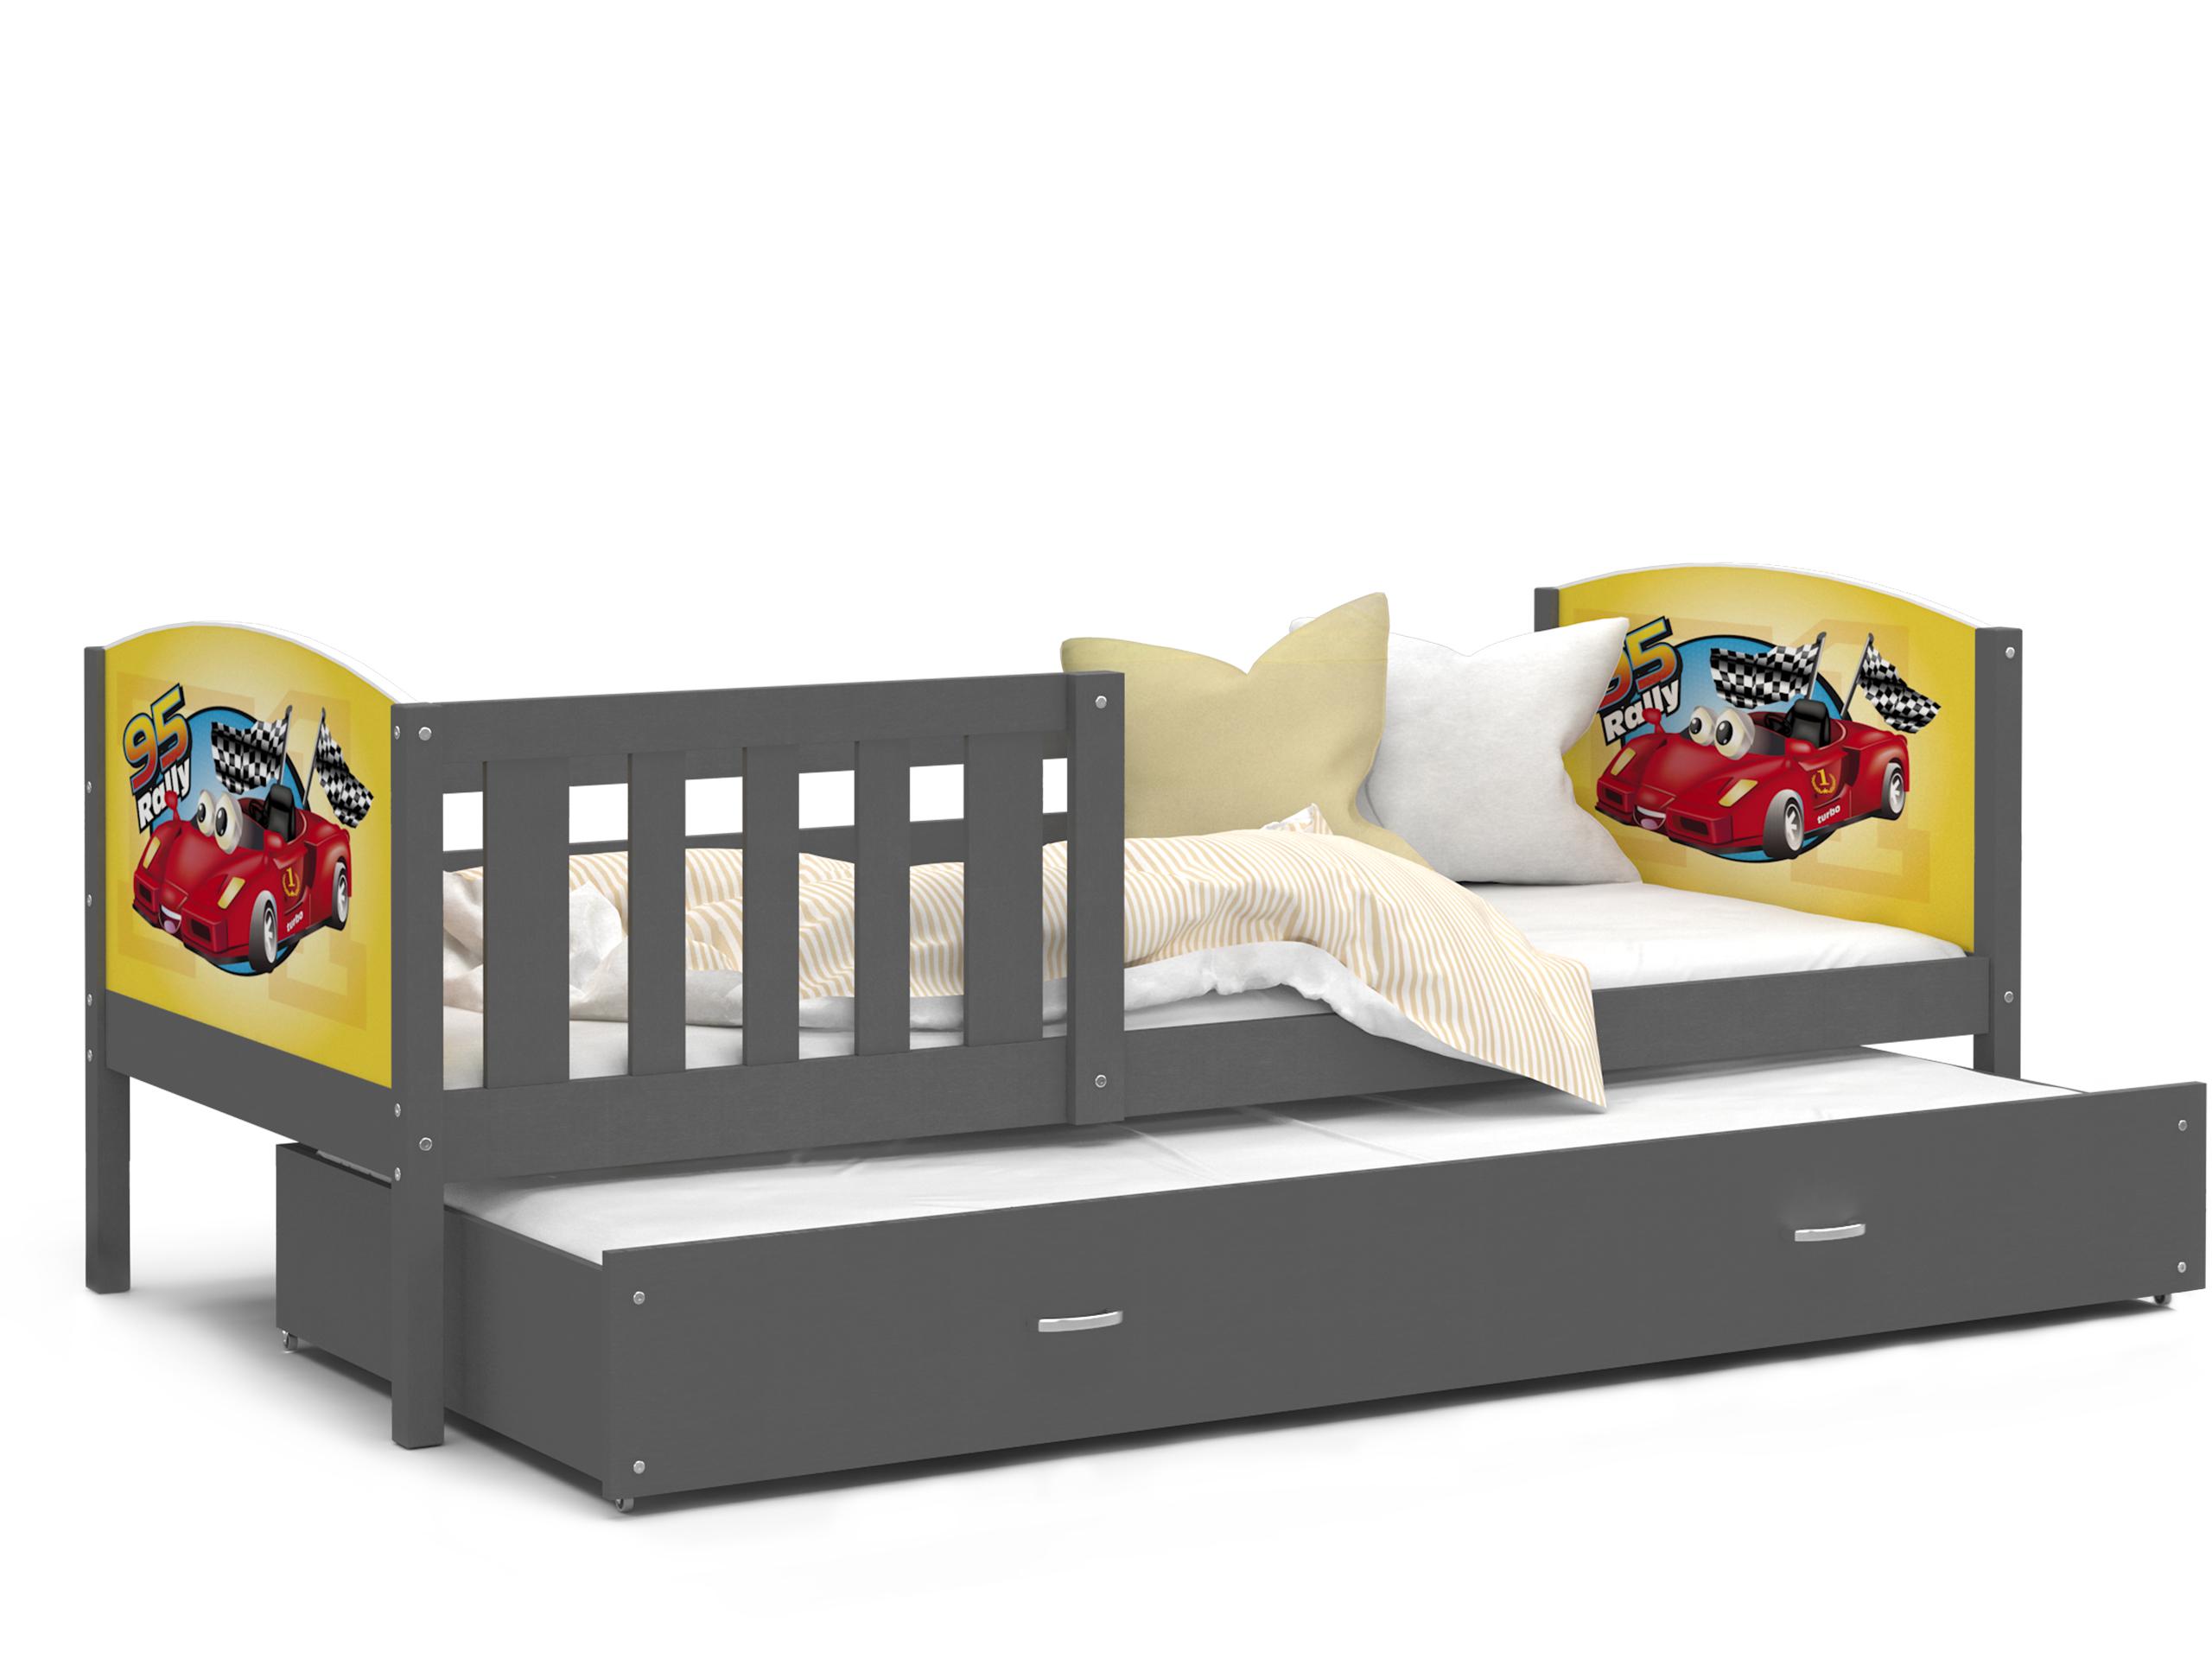 ArtAJ Detská posteľ Tami P2 / sivá Tami rozmer: 190 x 80 cm + prístelka 184 x 80 cm, s matracom